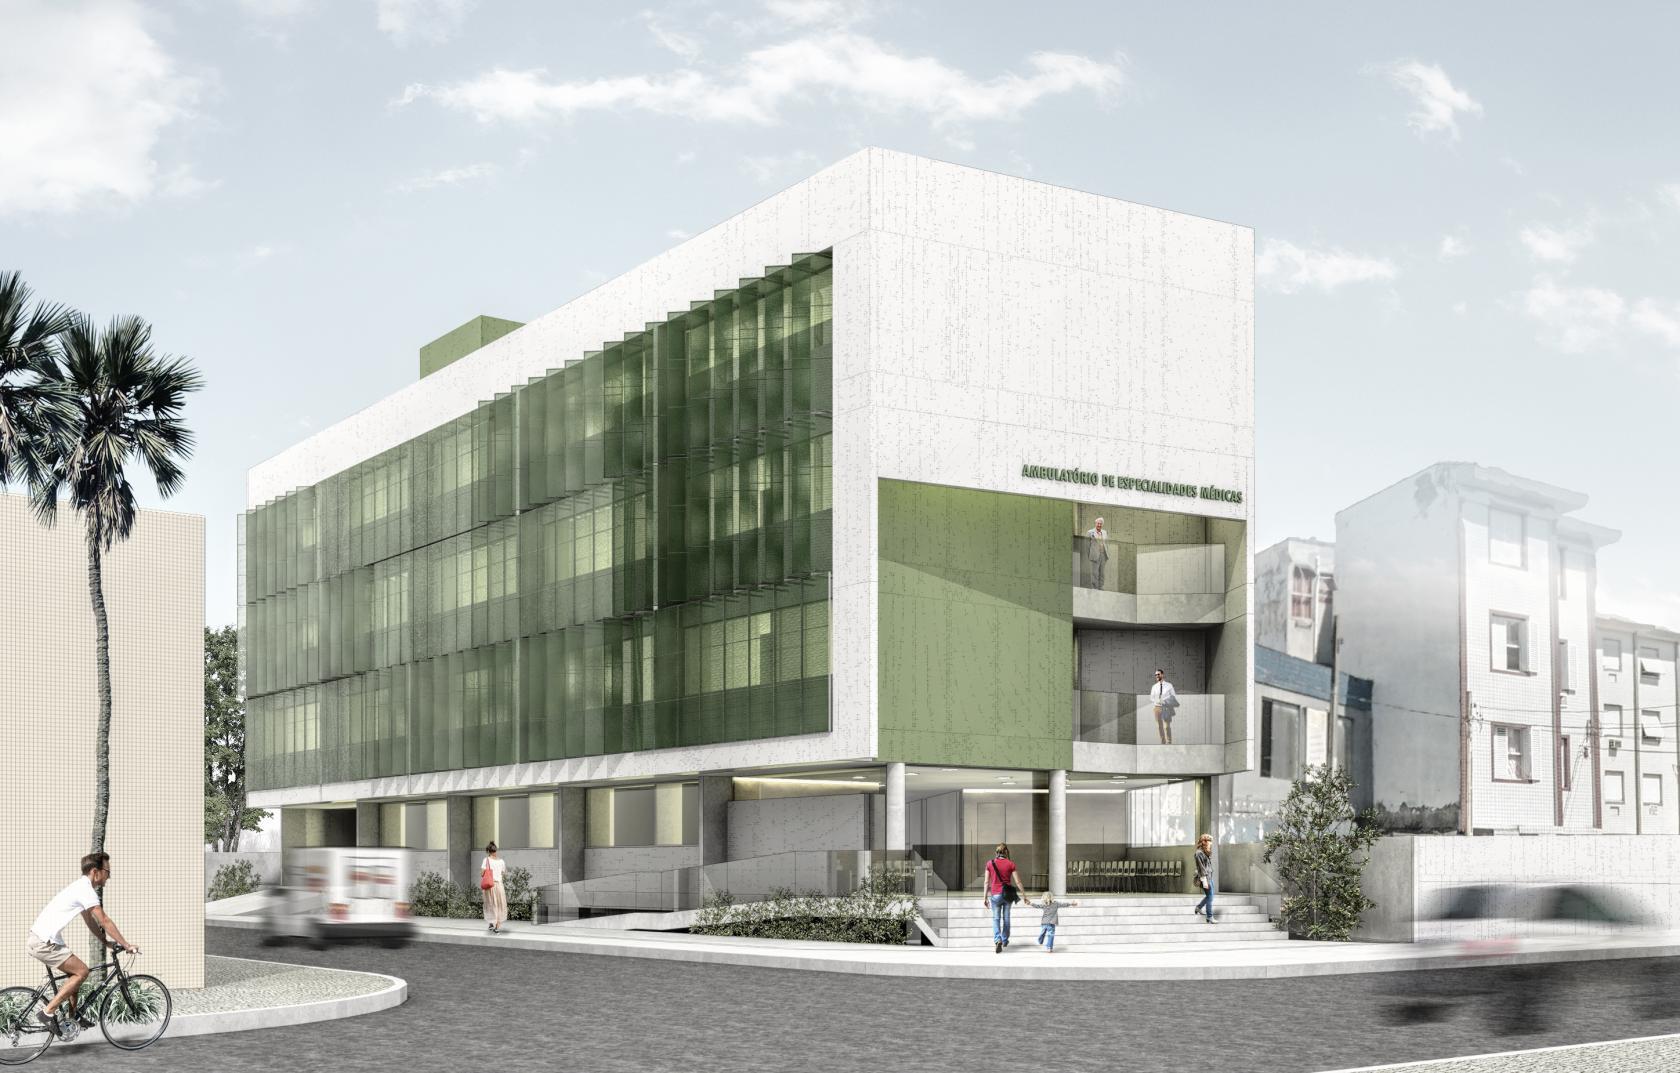 Perspectiva de novo equipamento de saúde com visão de fachada fronta e uma  das laterais. A nova unidade do Ambulatório de Especialidades do Centro ... 348c40dd954